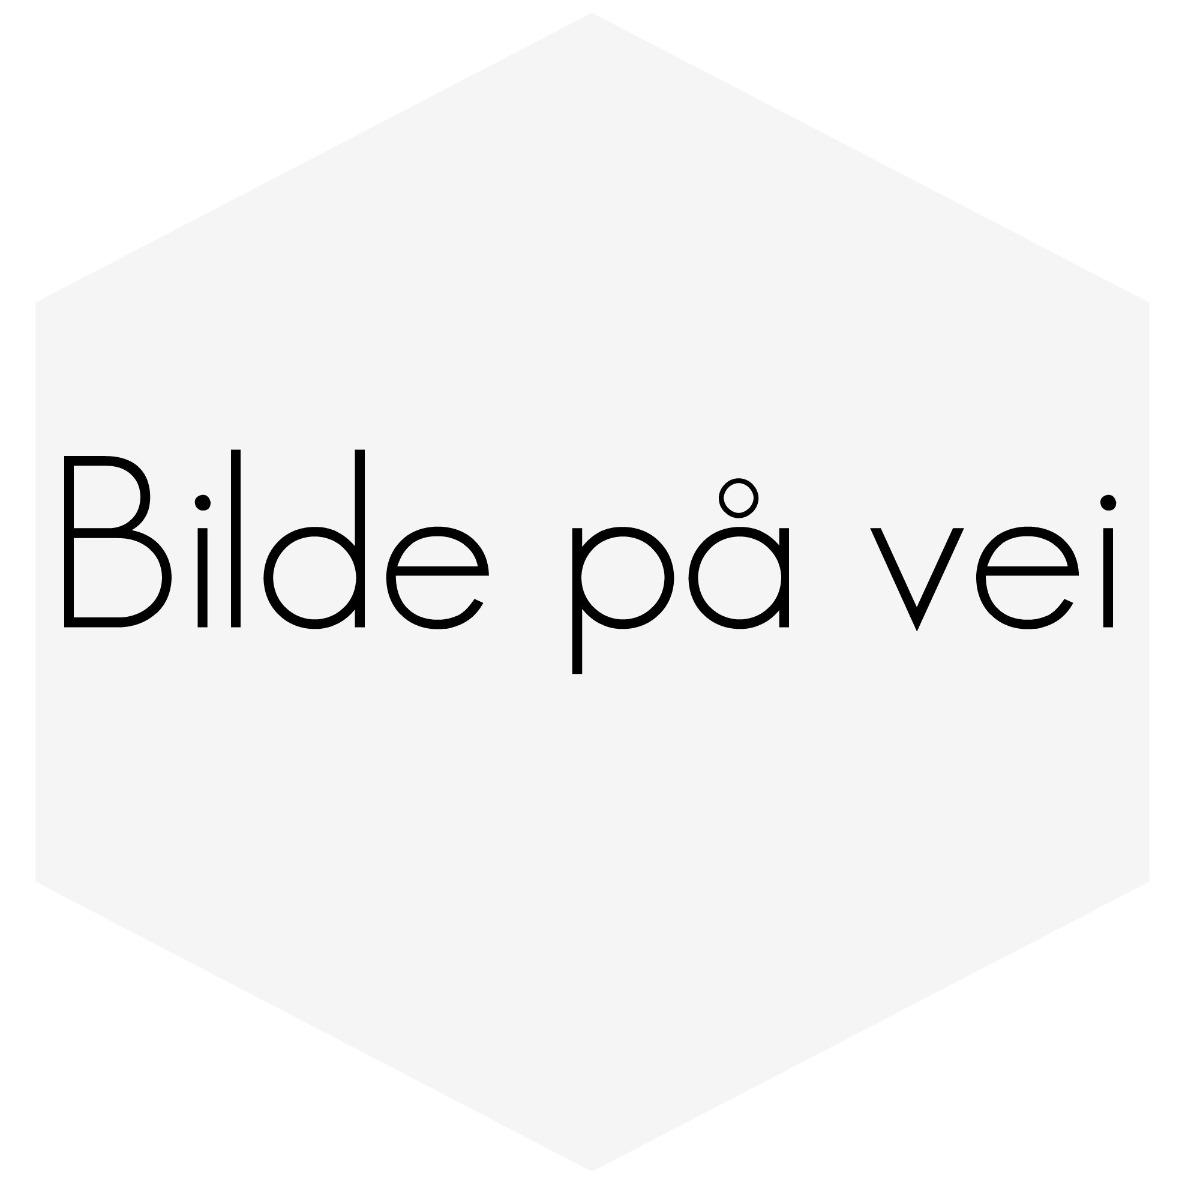 ALUMINIUMSREDUSERINGS RØR 2-2,75'' (51-70MM)